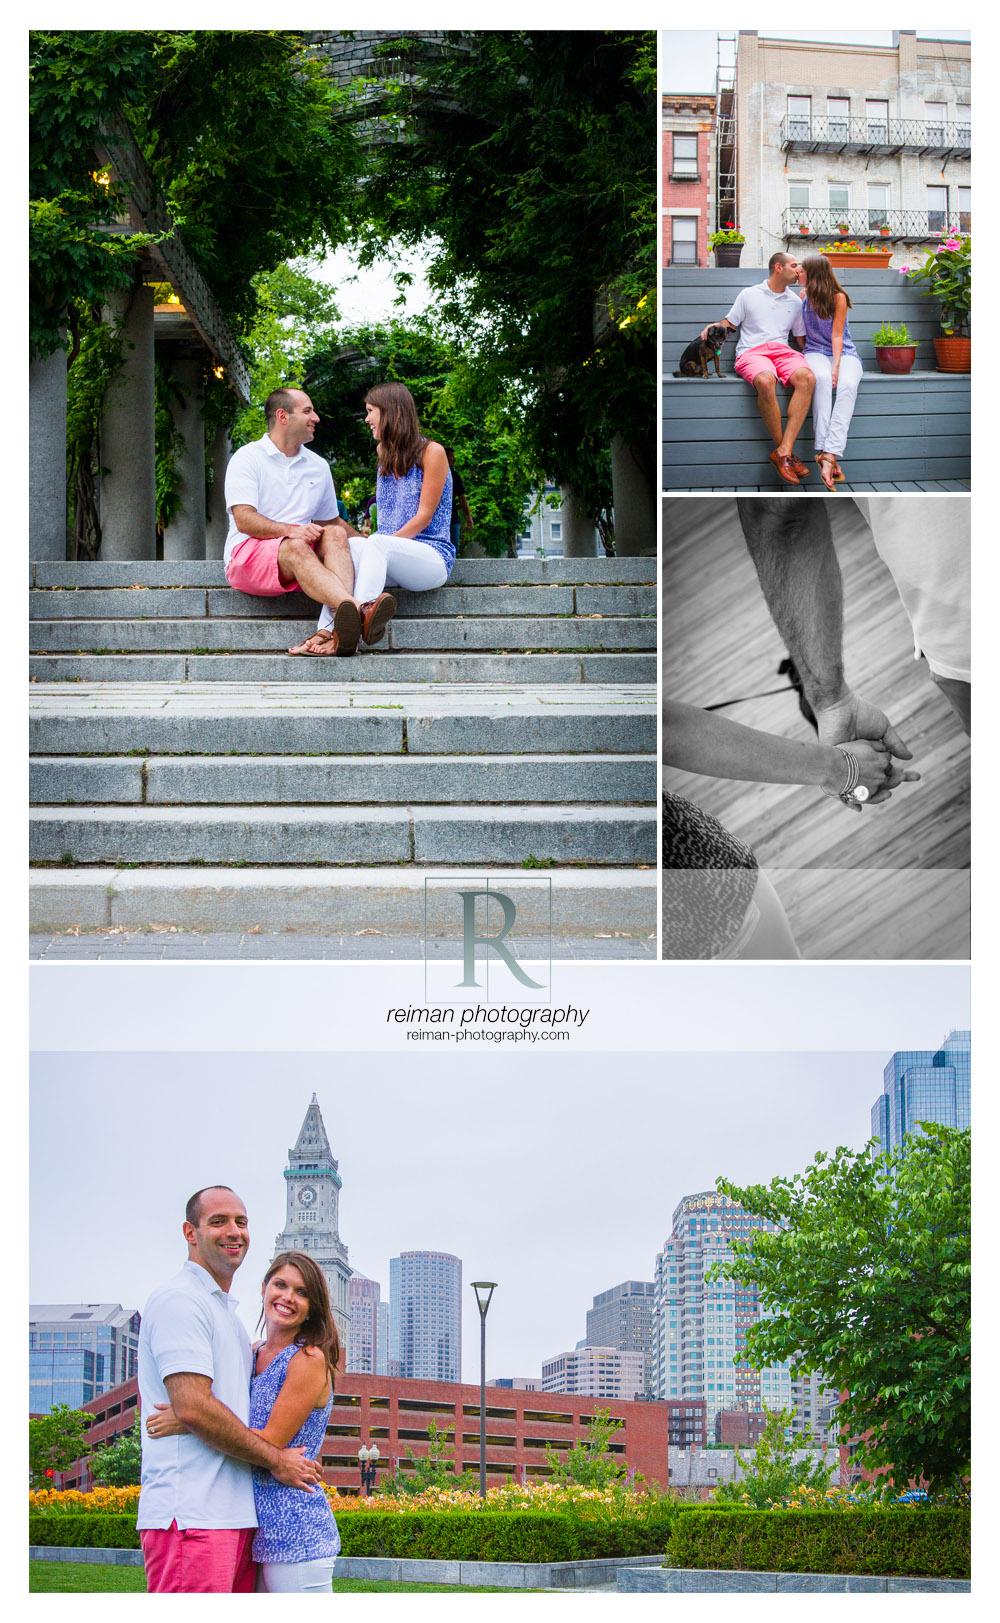 Boston Public Garden Engagement, Reiman Photography, Boston Engagement Photographer